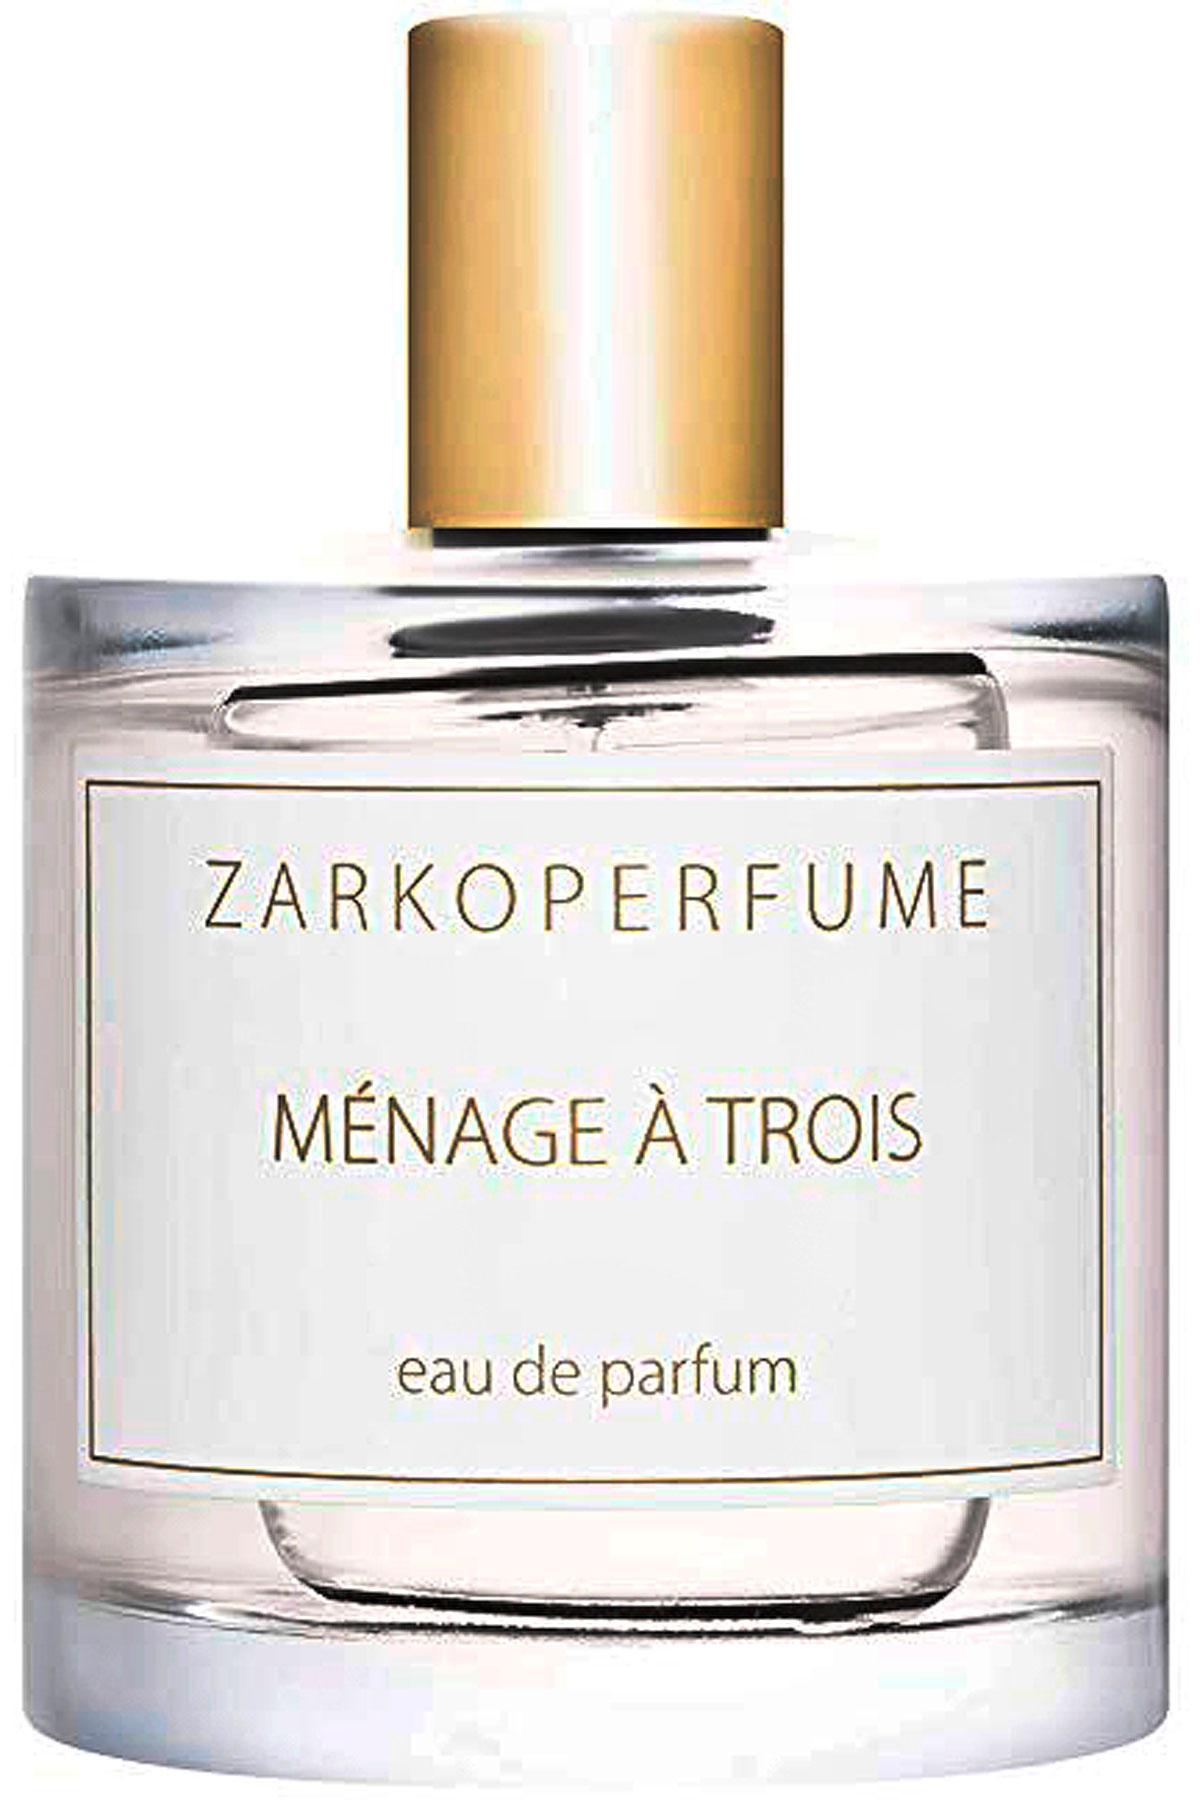 Zarkoperfume Fragrances for Men, Menage A Trois - Eau De Parfum - 100 Ml, 2019, 100 ml